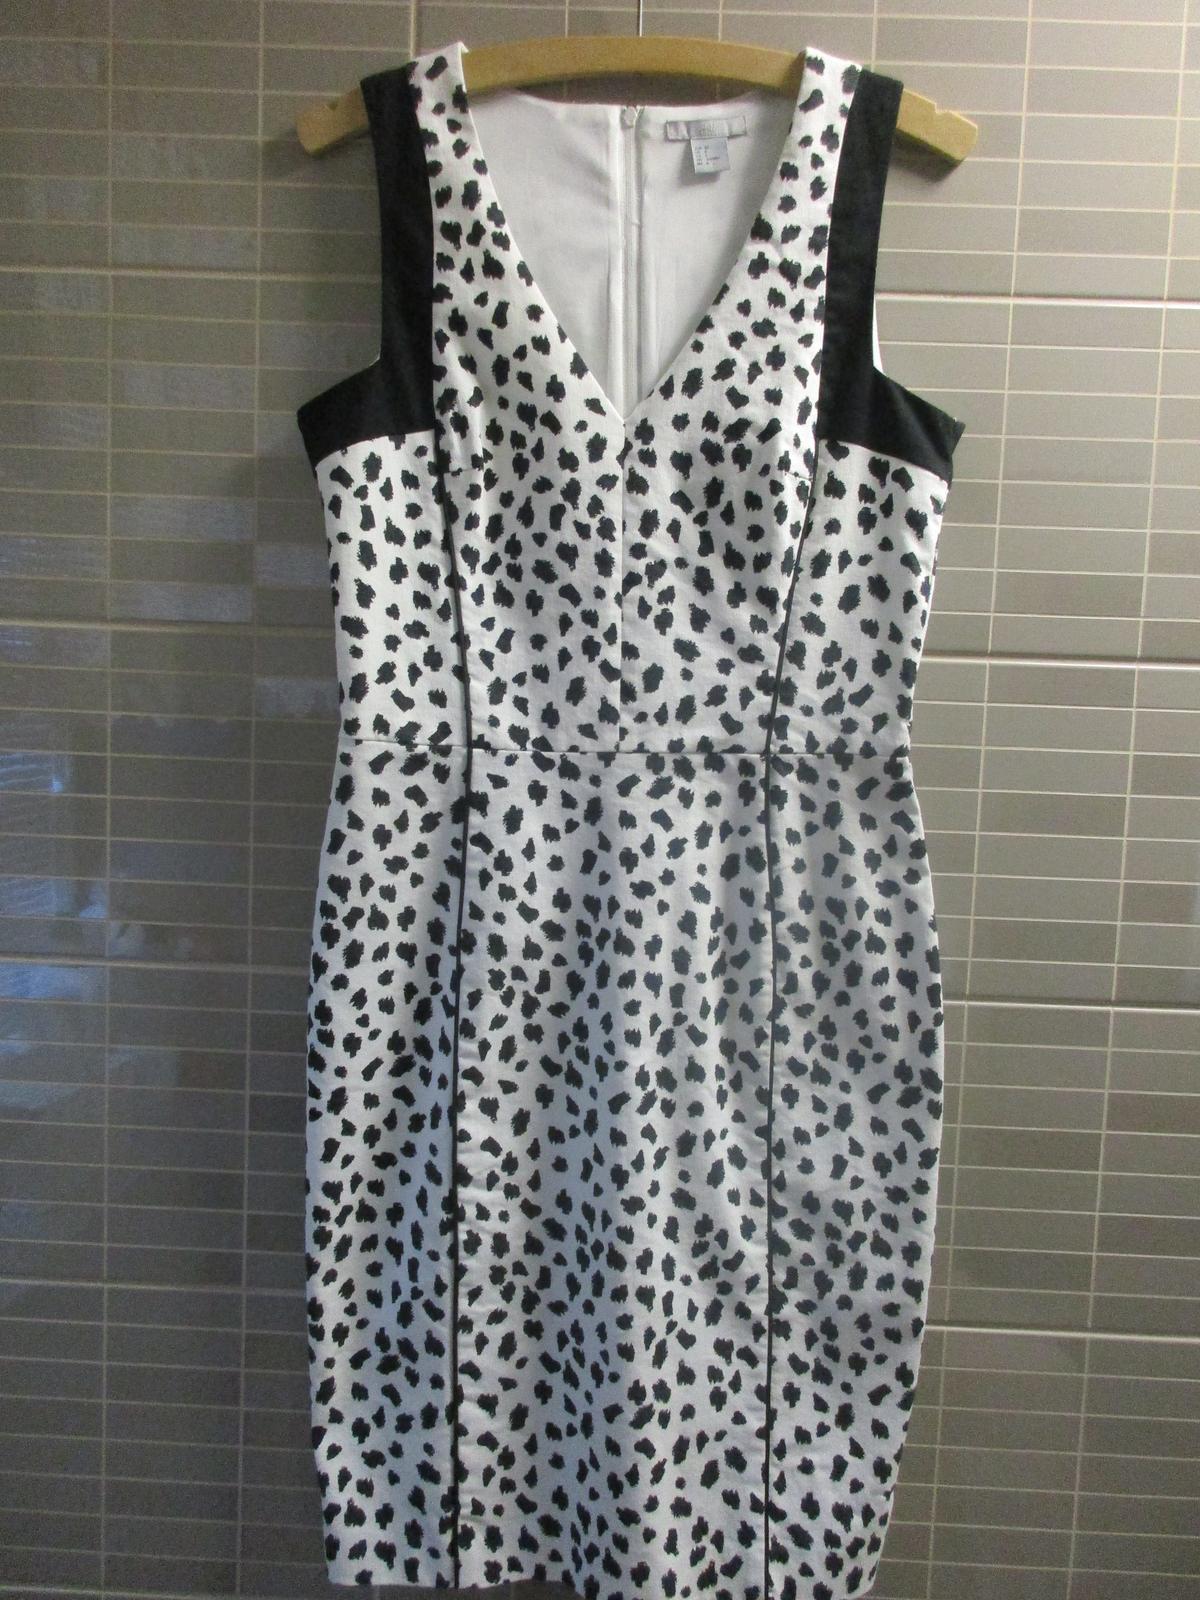 Vzorované šaty - Obrázek č. 1